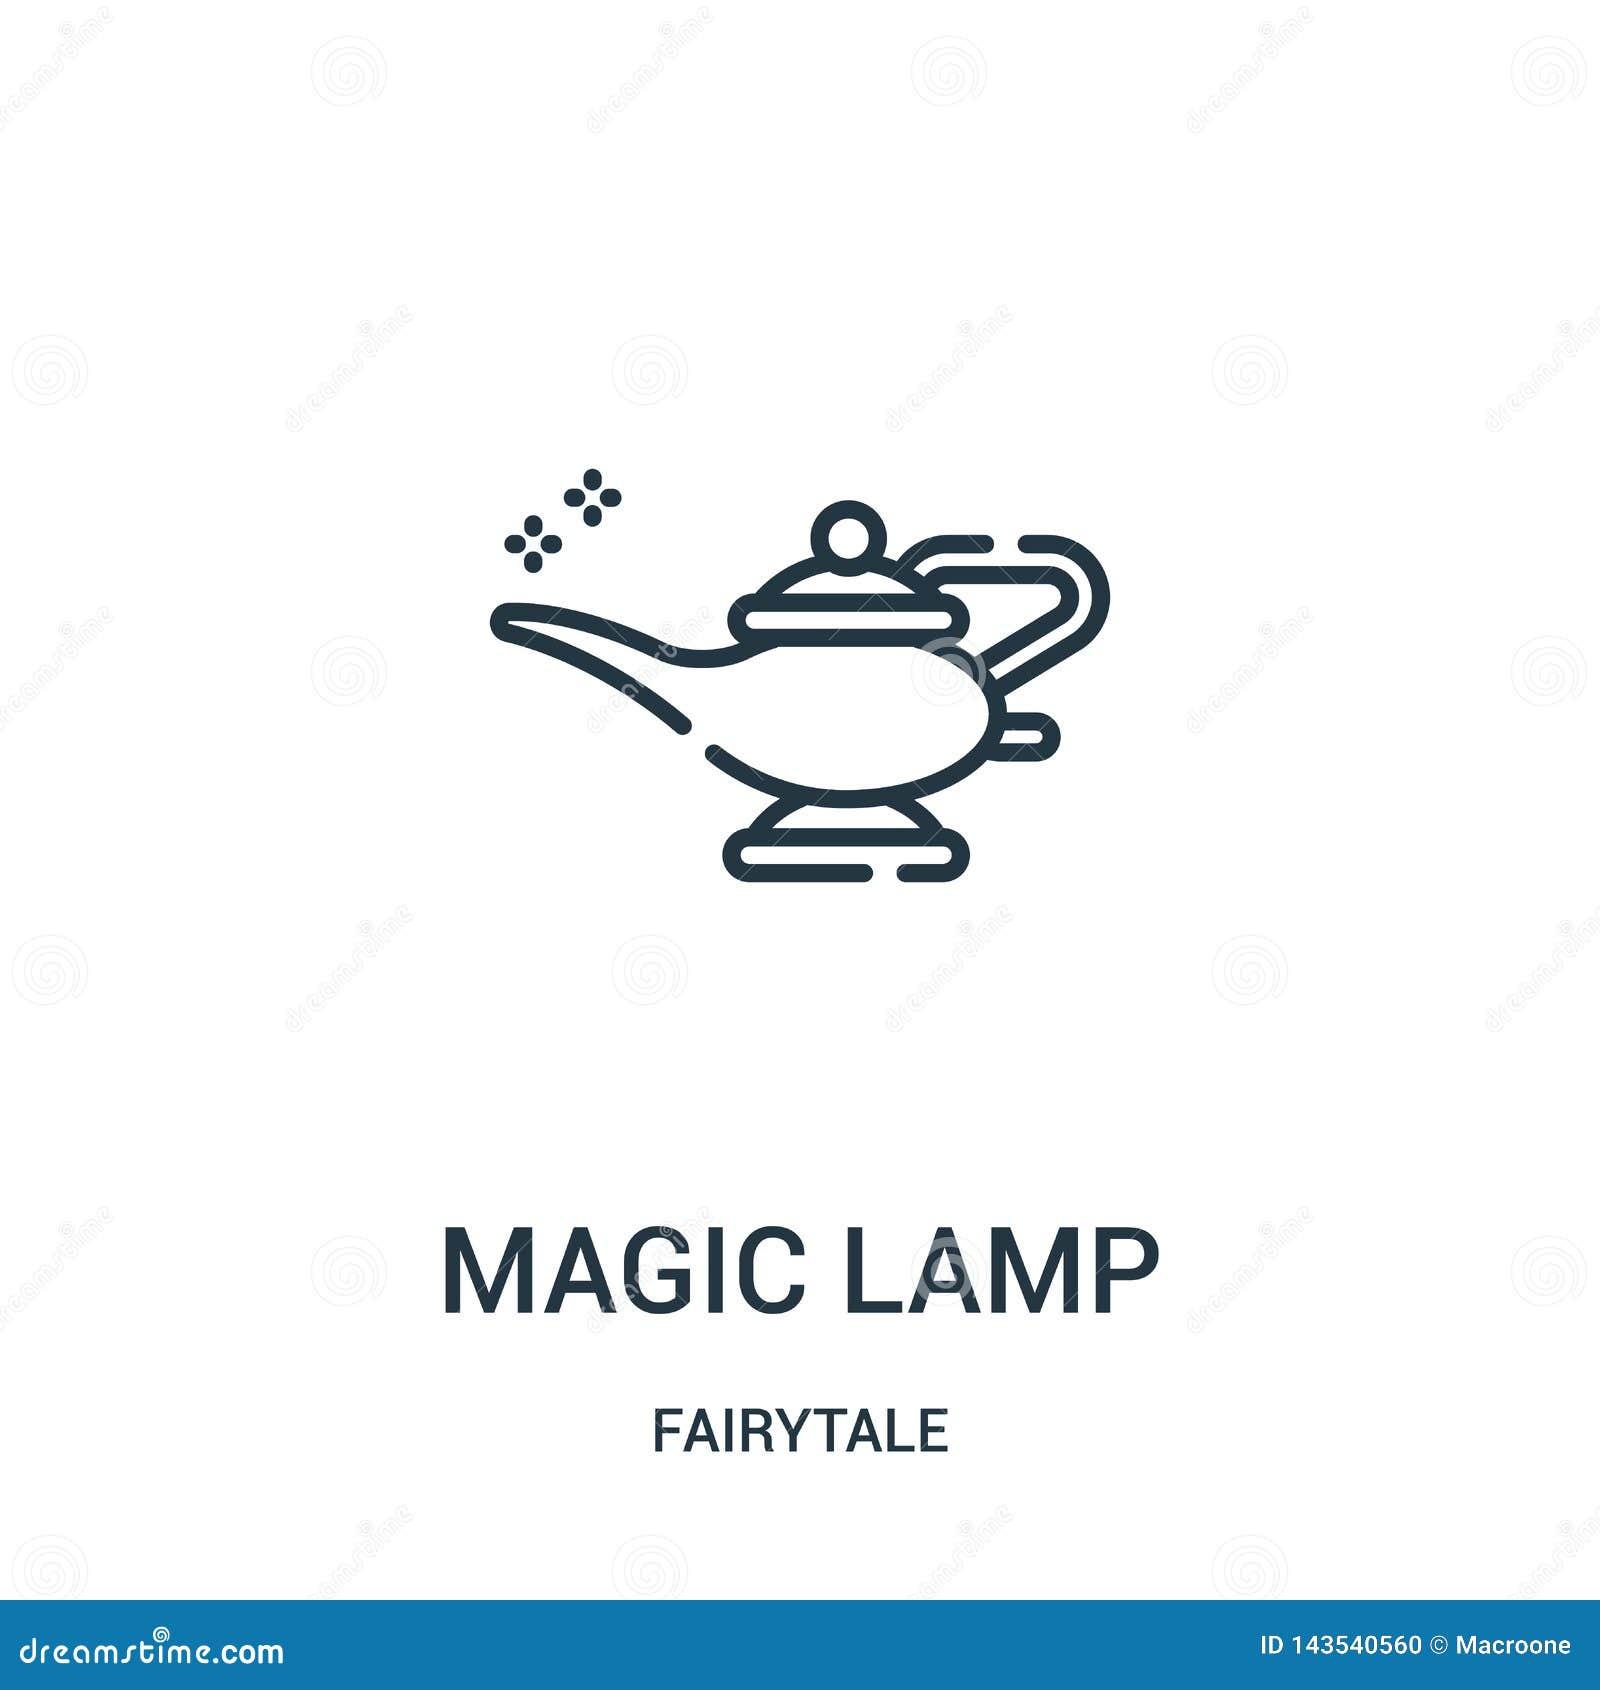 μαγικό διάνυσμα εικονιδίων λαμπτήρων από τη συλλογή παραμυθιού Λεπτή διανυσματική απεικόνιση εικονιδίων περιλήψεων λαμπτήρων γραμ